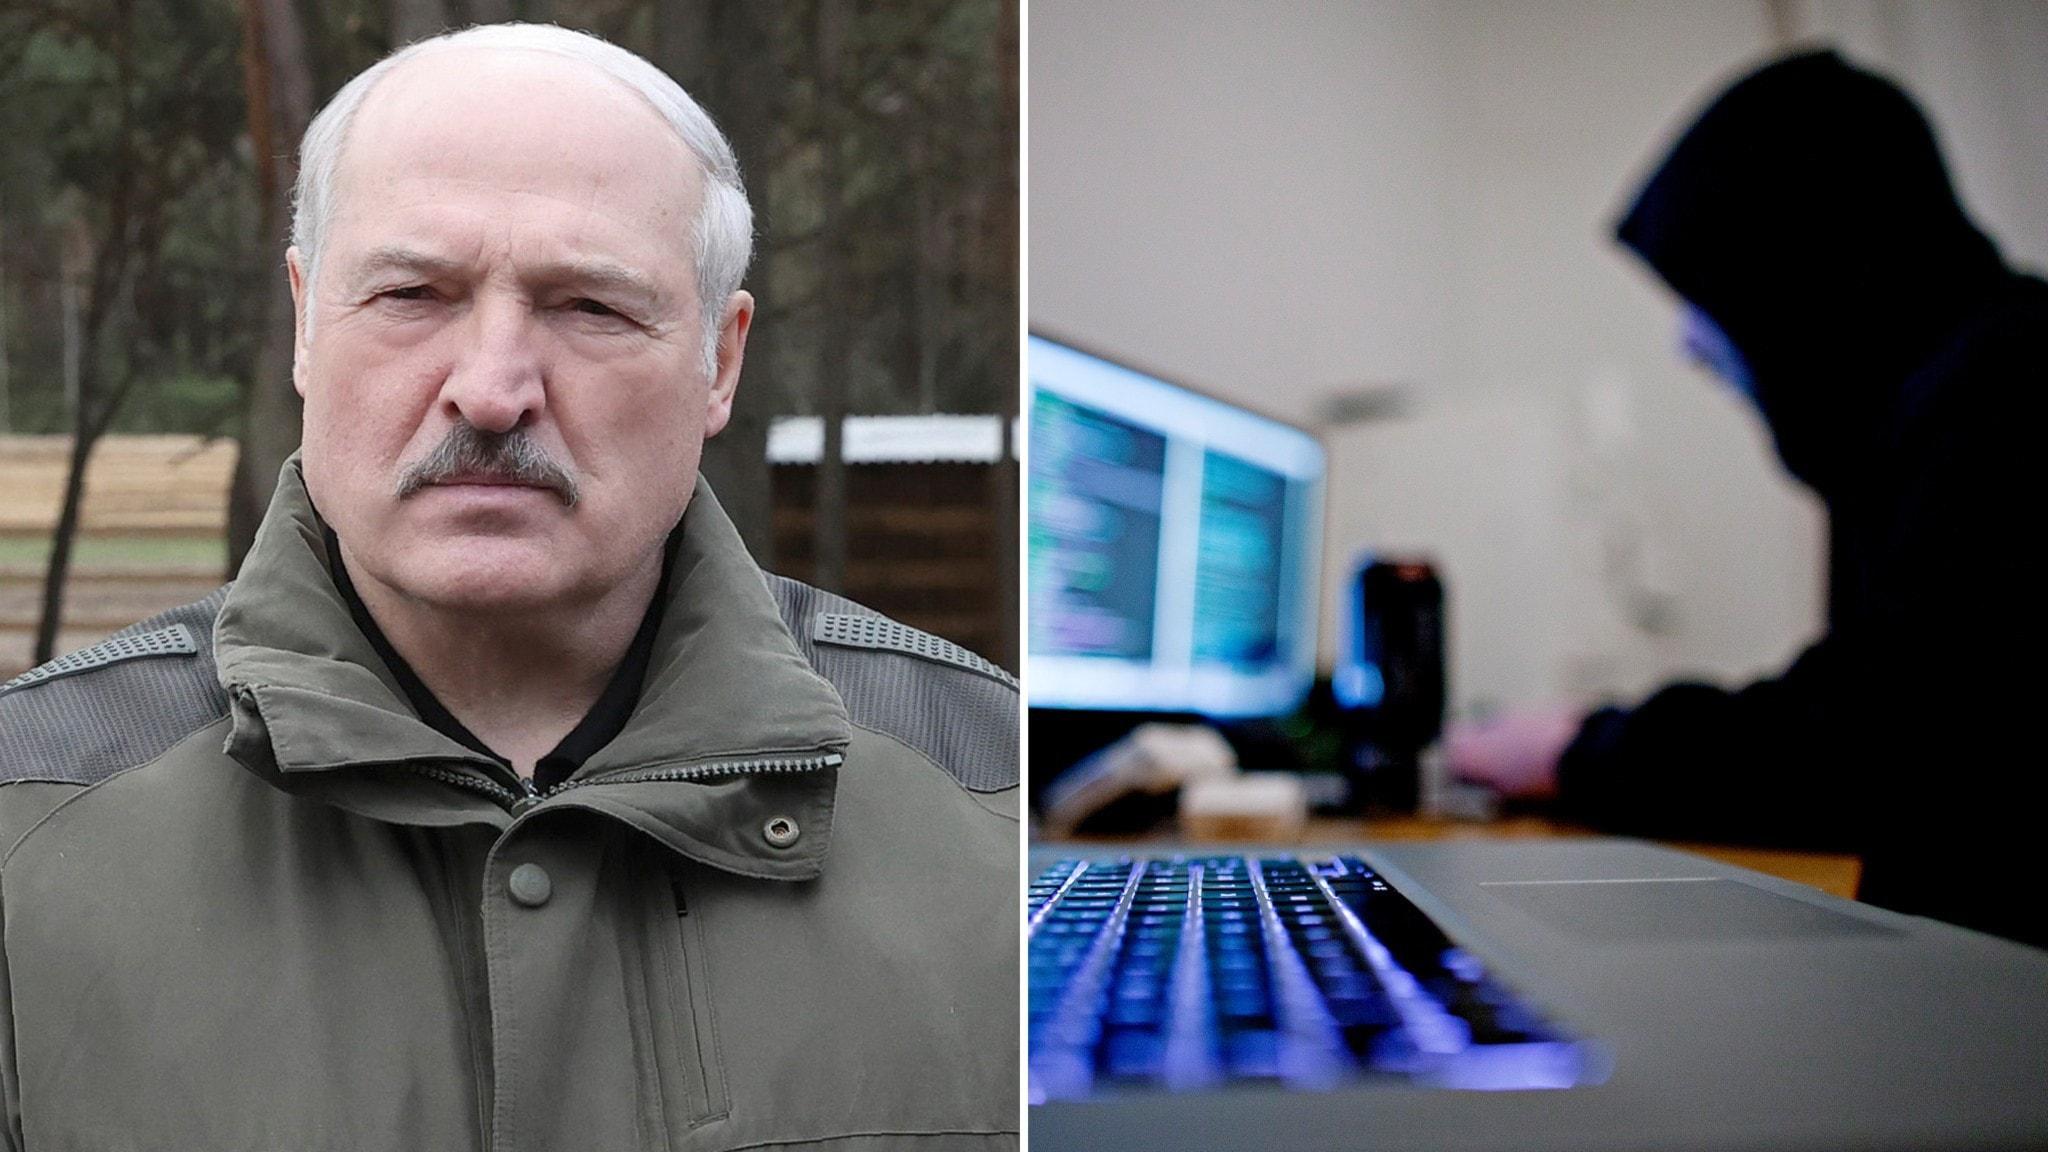 Hackergrupp hävdar att den stulit uppgifter om belarusisk säkerhetstjänst